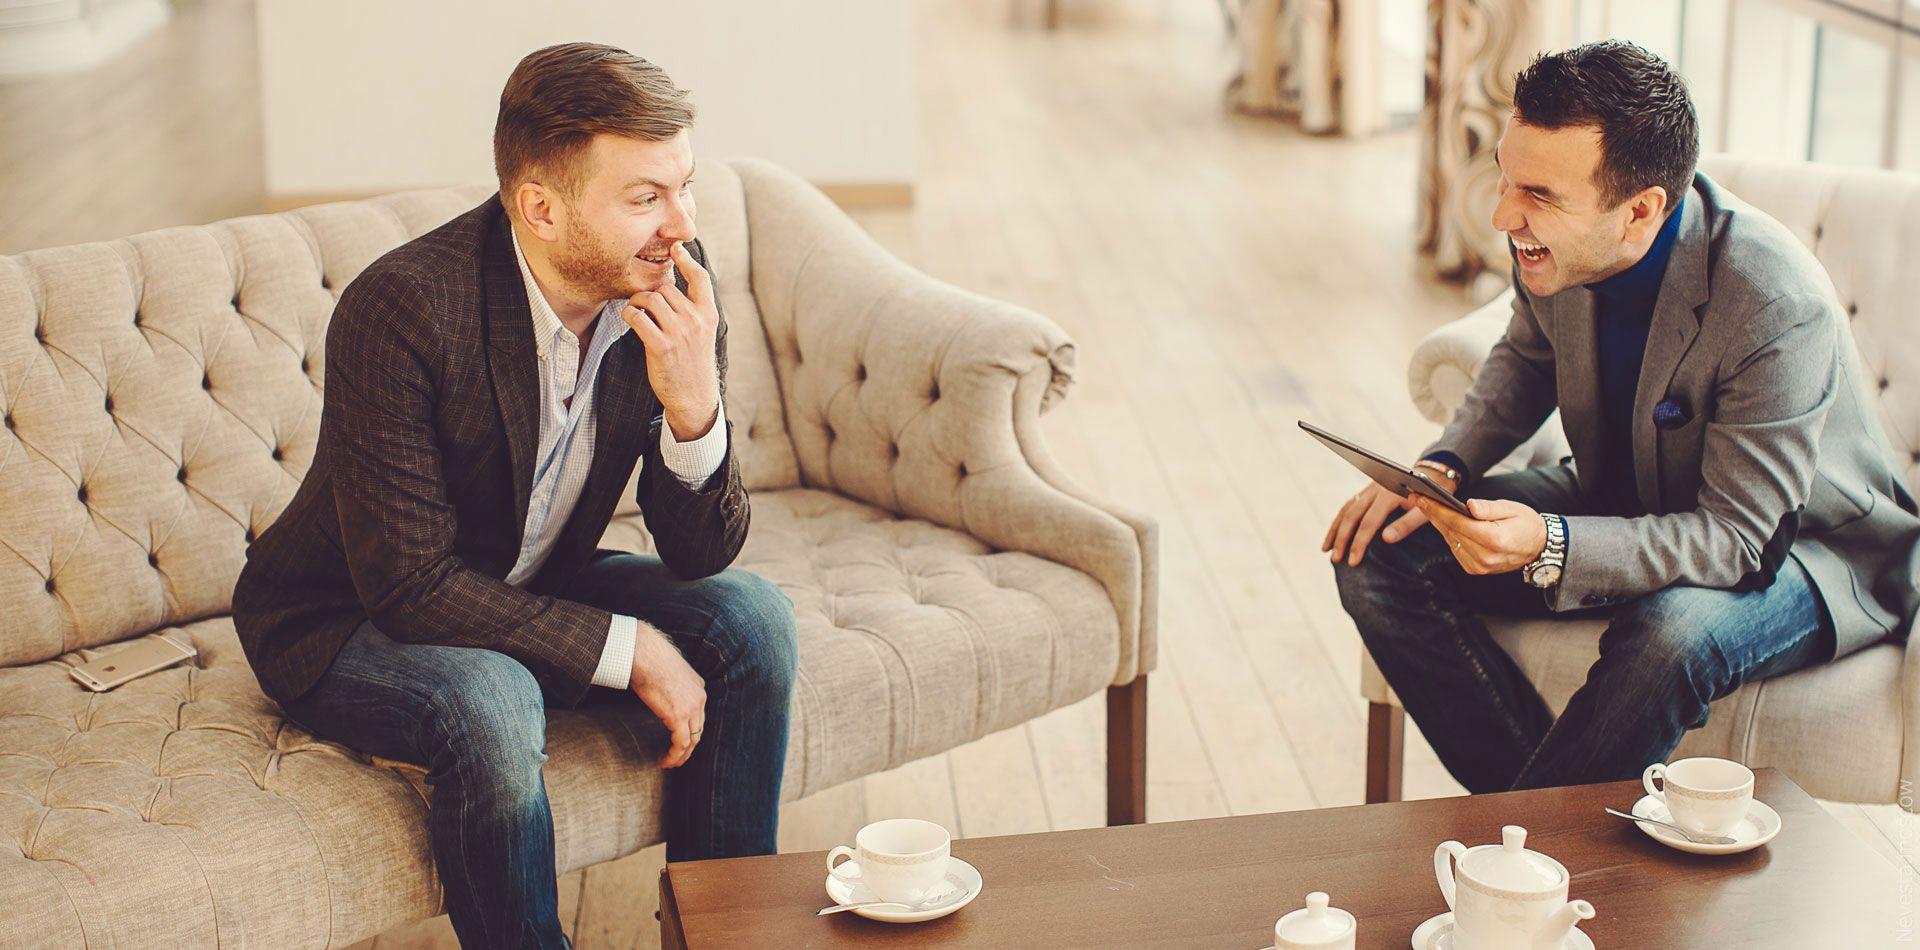 Интервью с основателем свадебного агентства «Карамель» - Алексей Шолохов фото 5